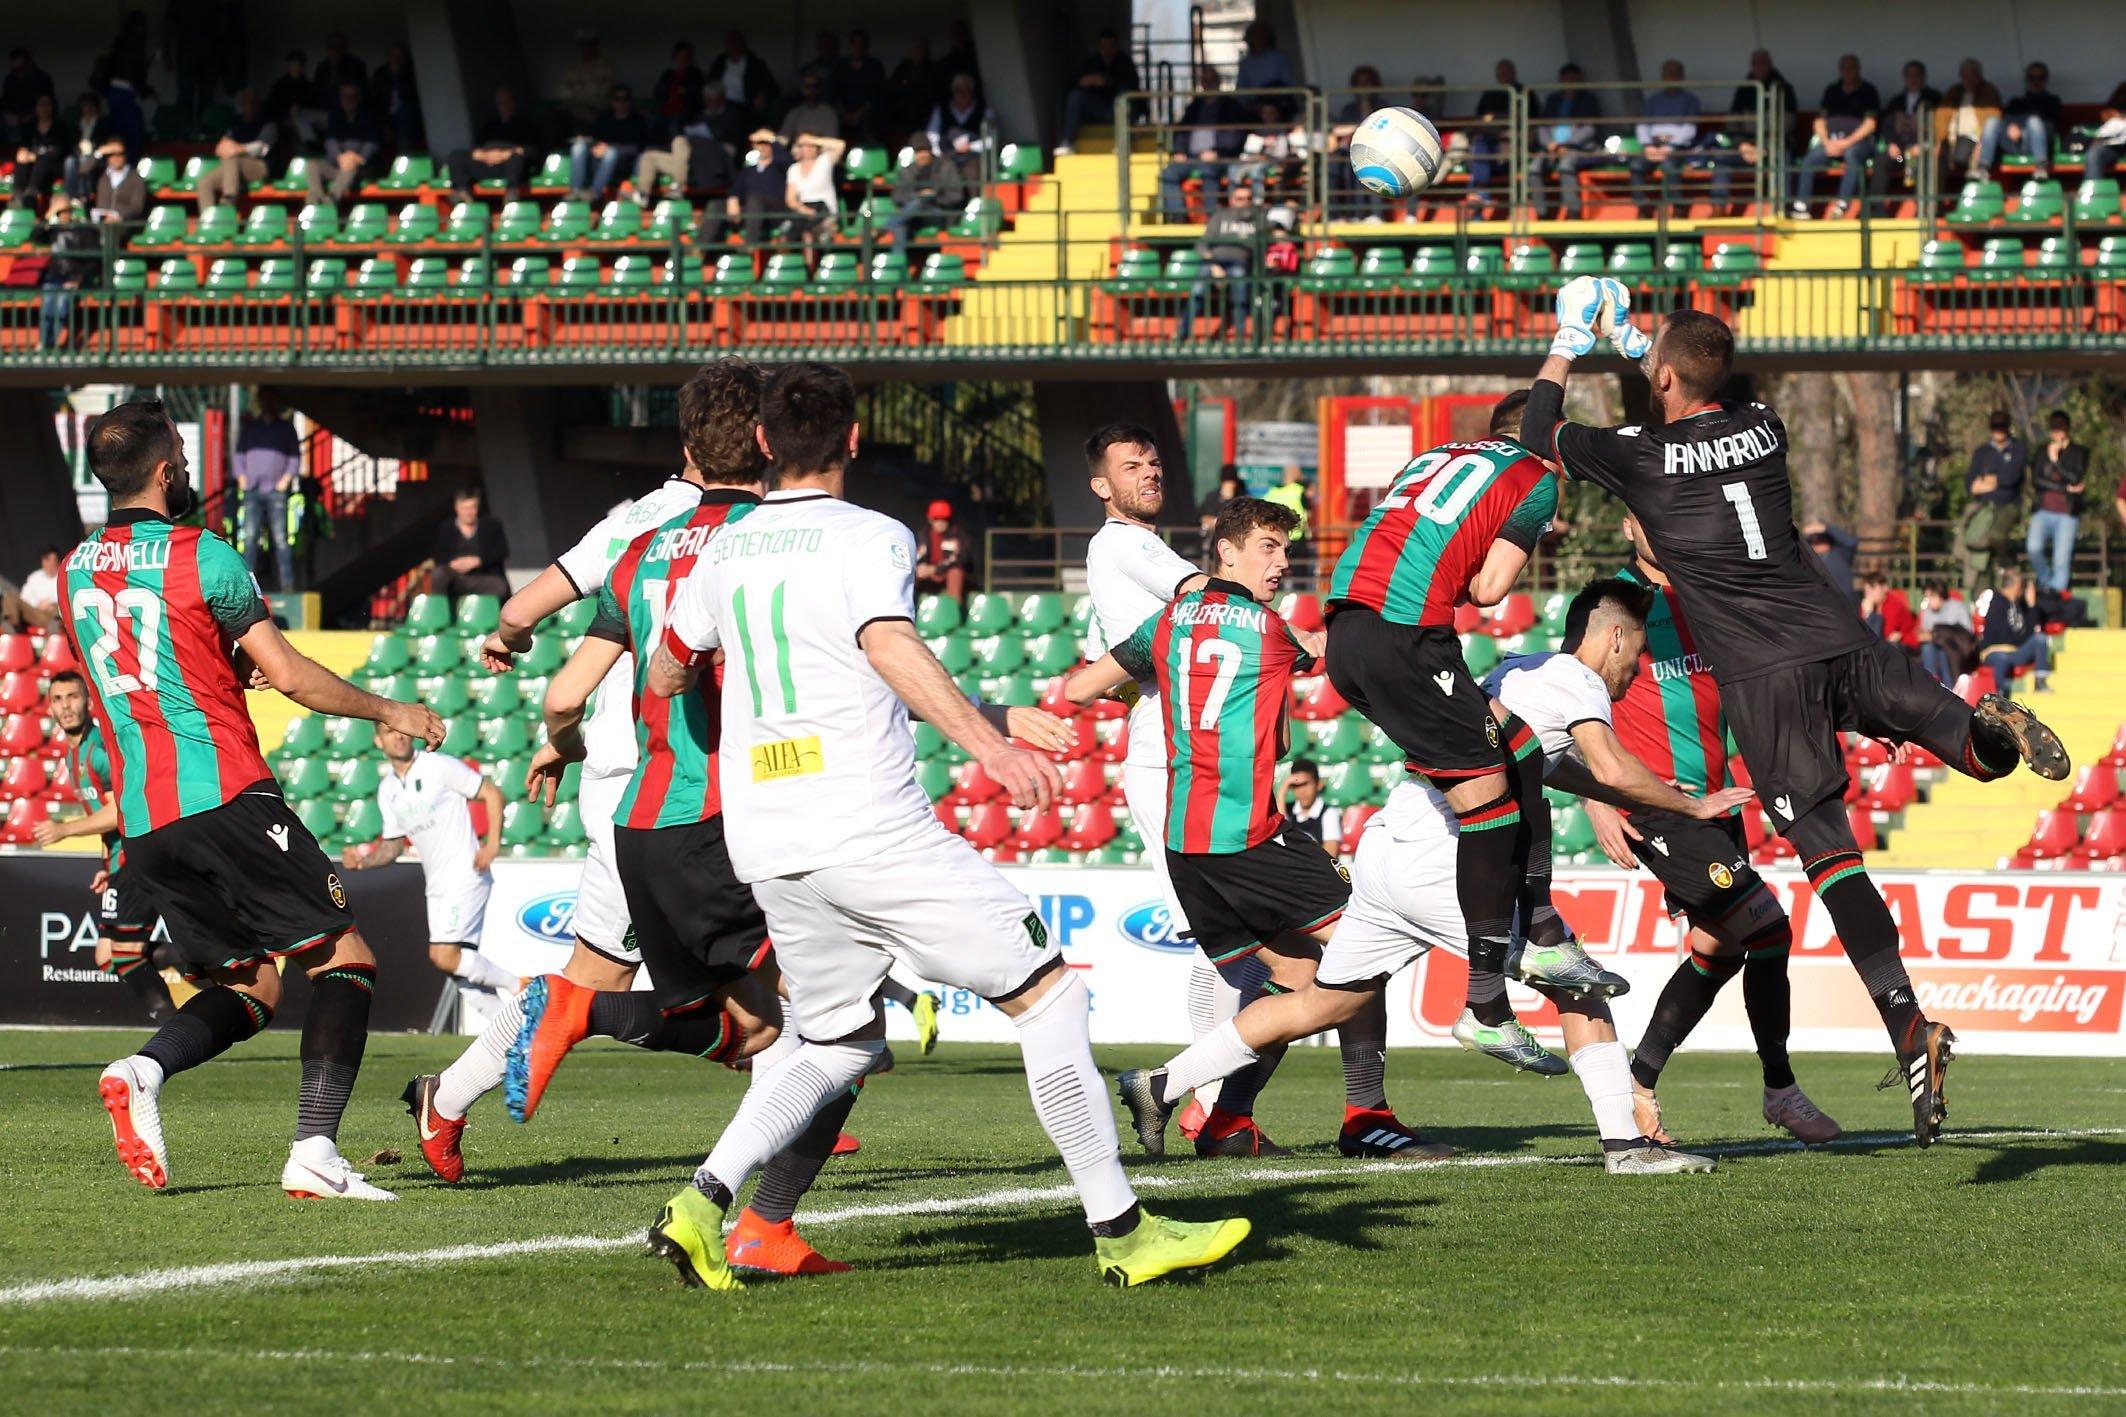 Lega Pro Girone B, domani possibile il primo verdetto